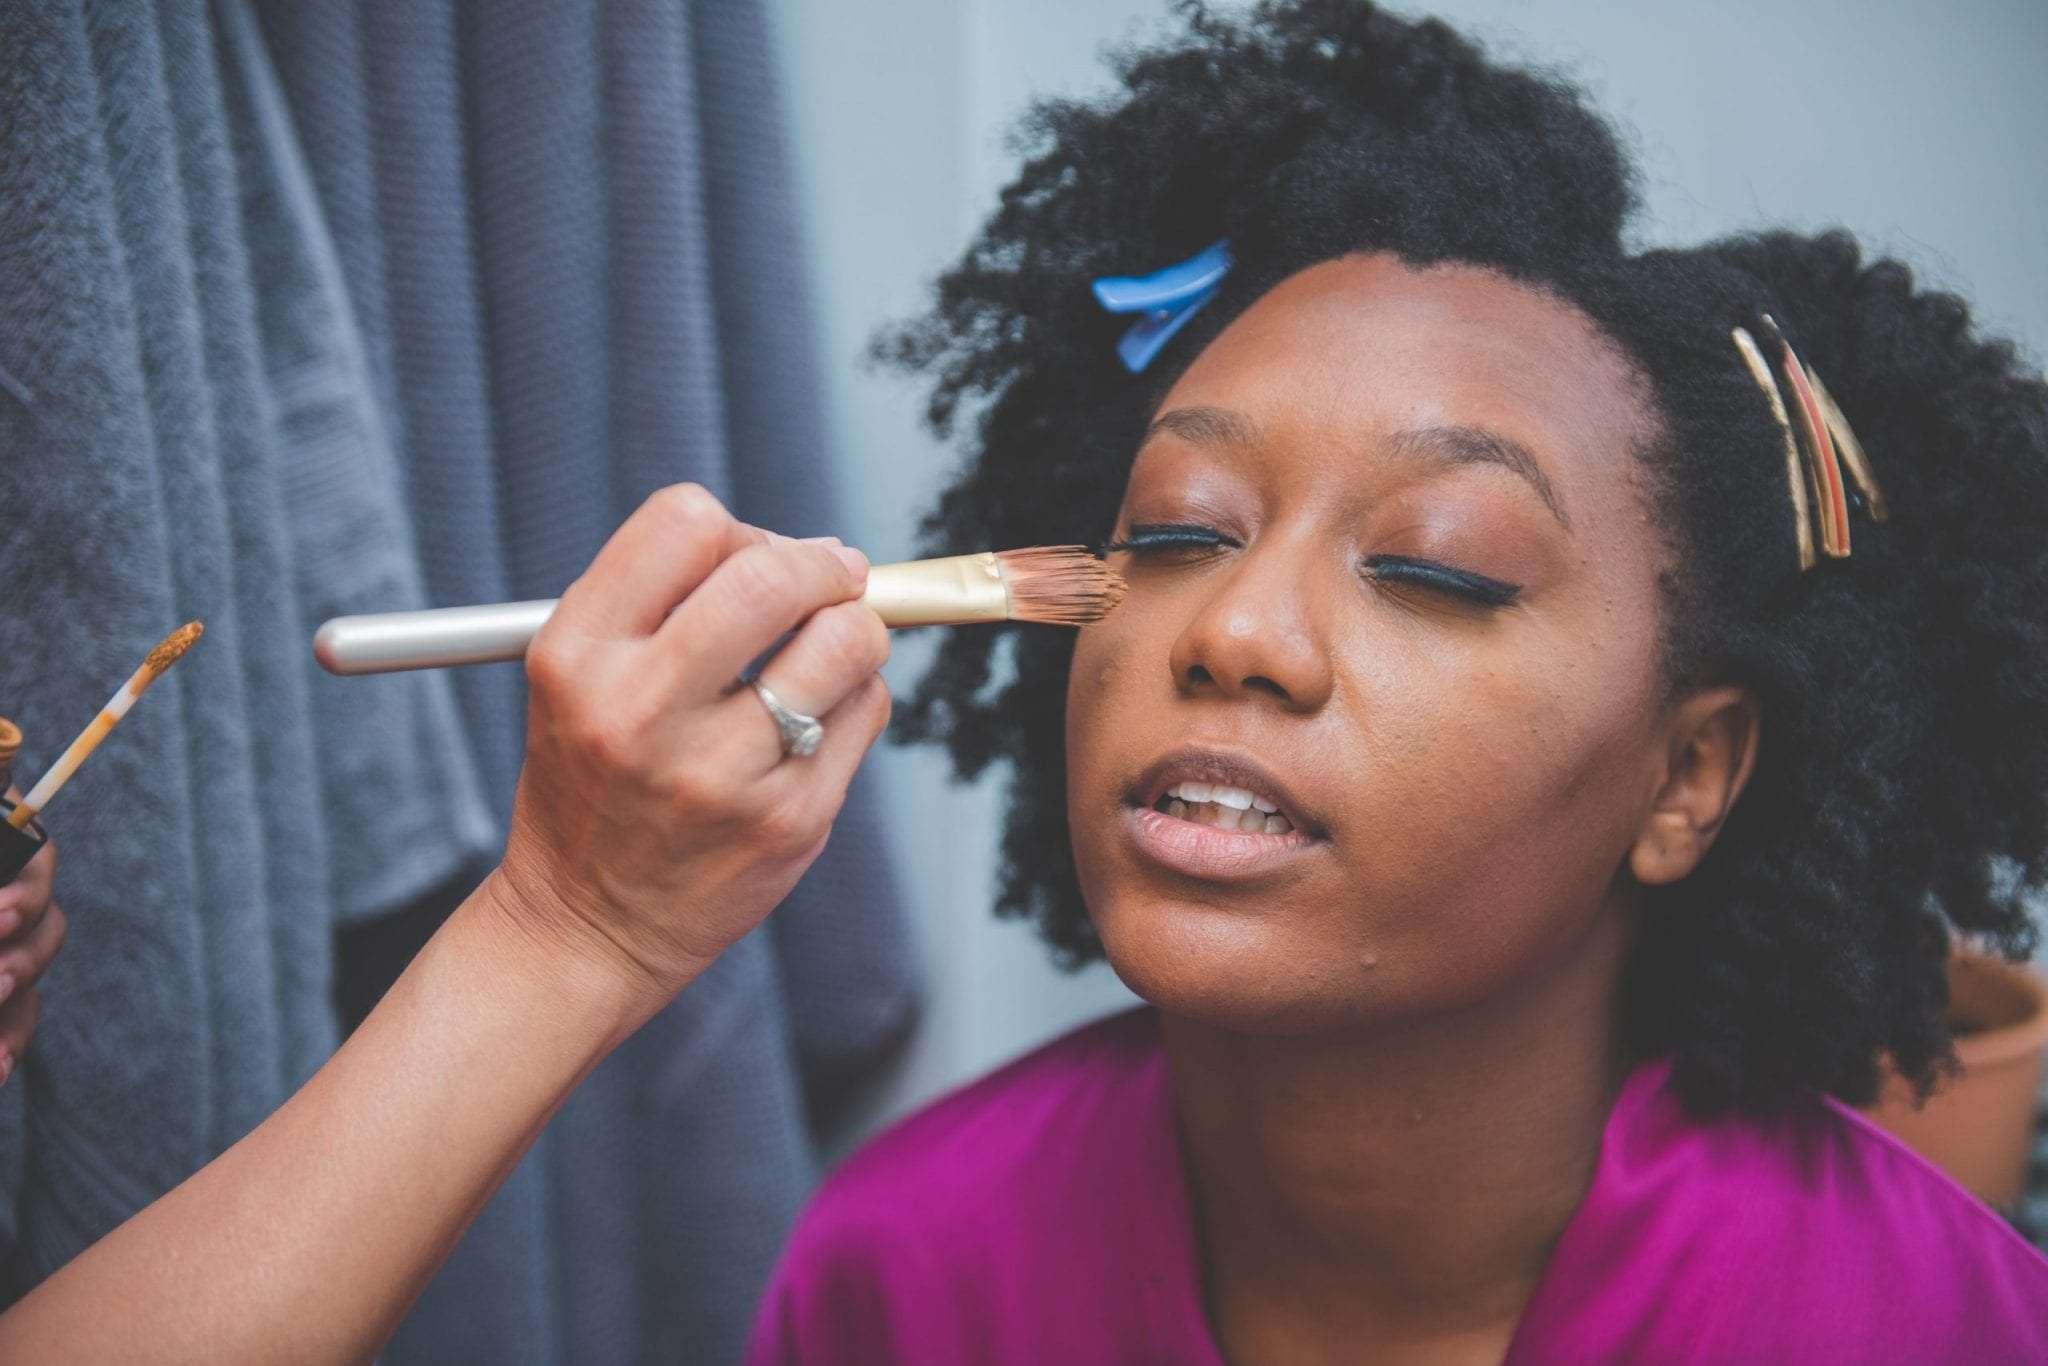 DIY wedding makeup NJ backyard wedding photography